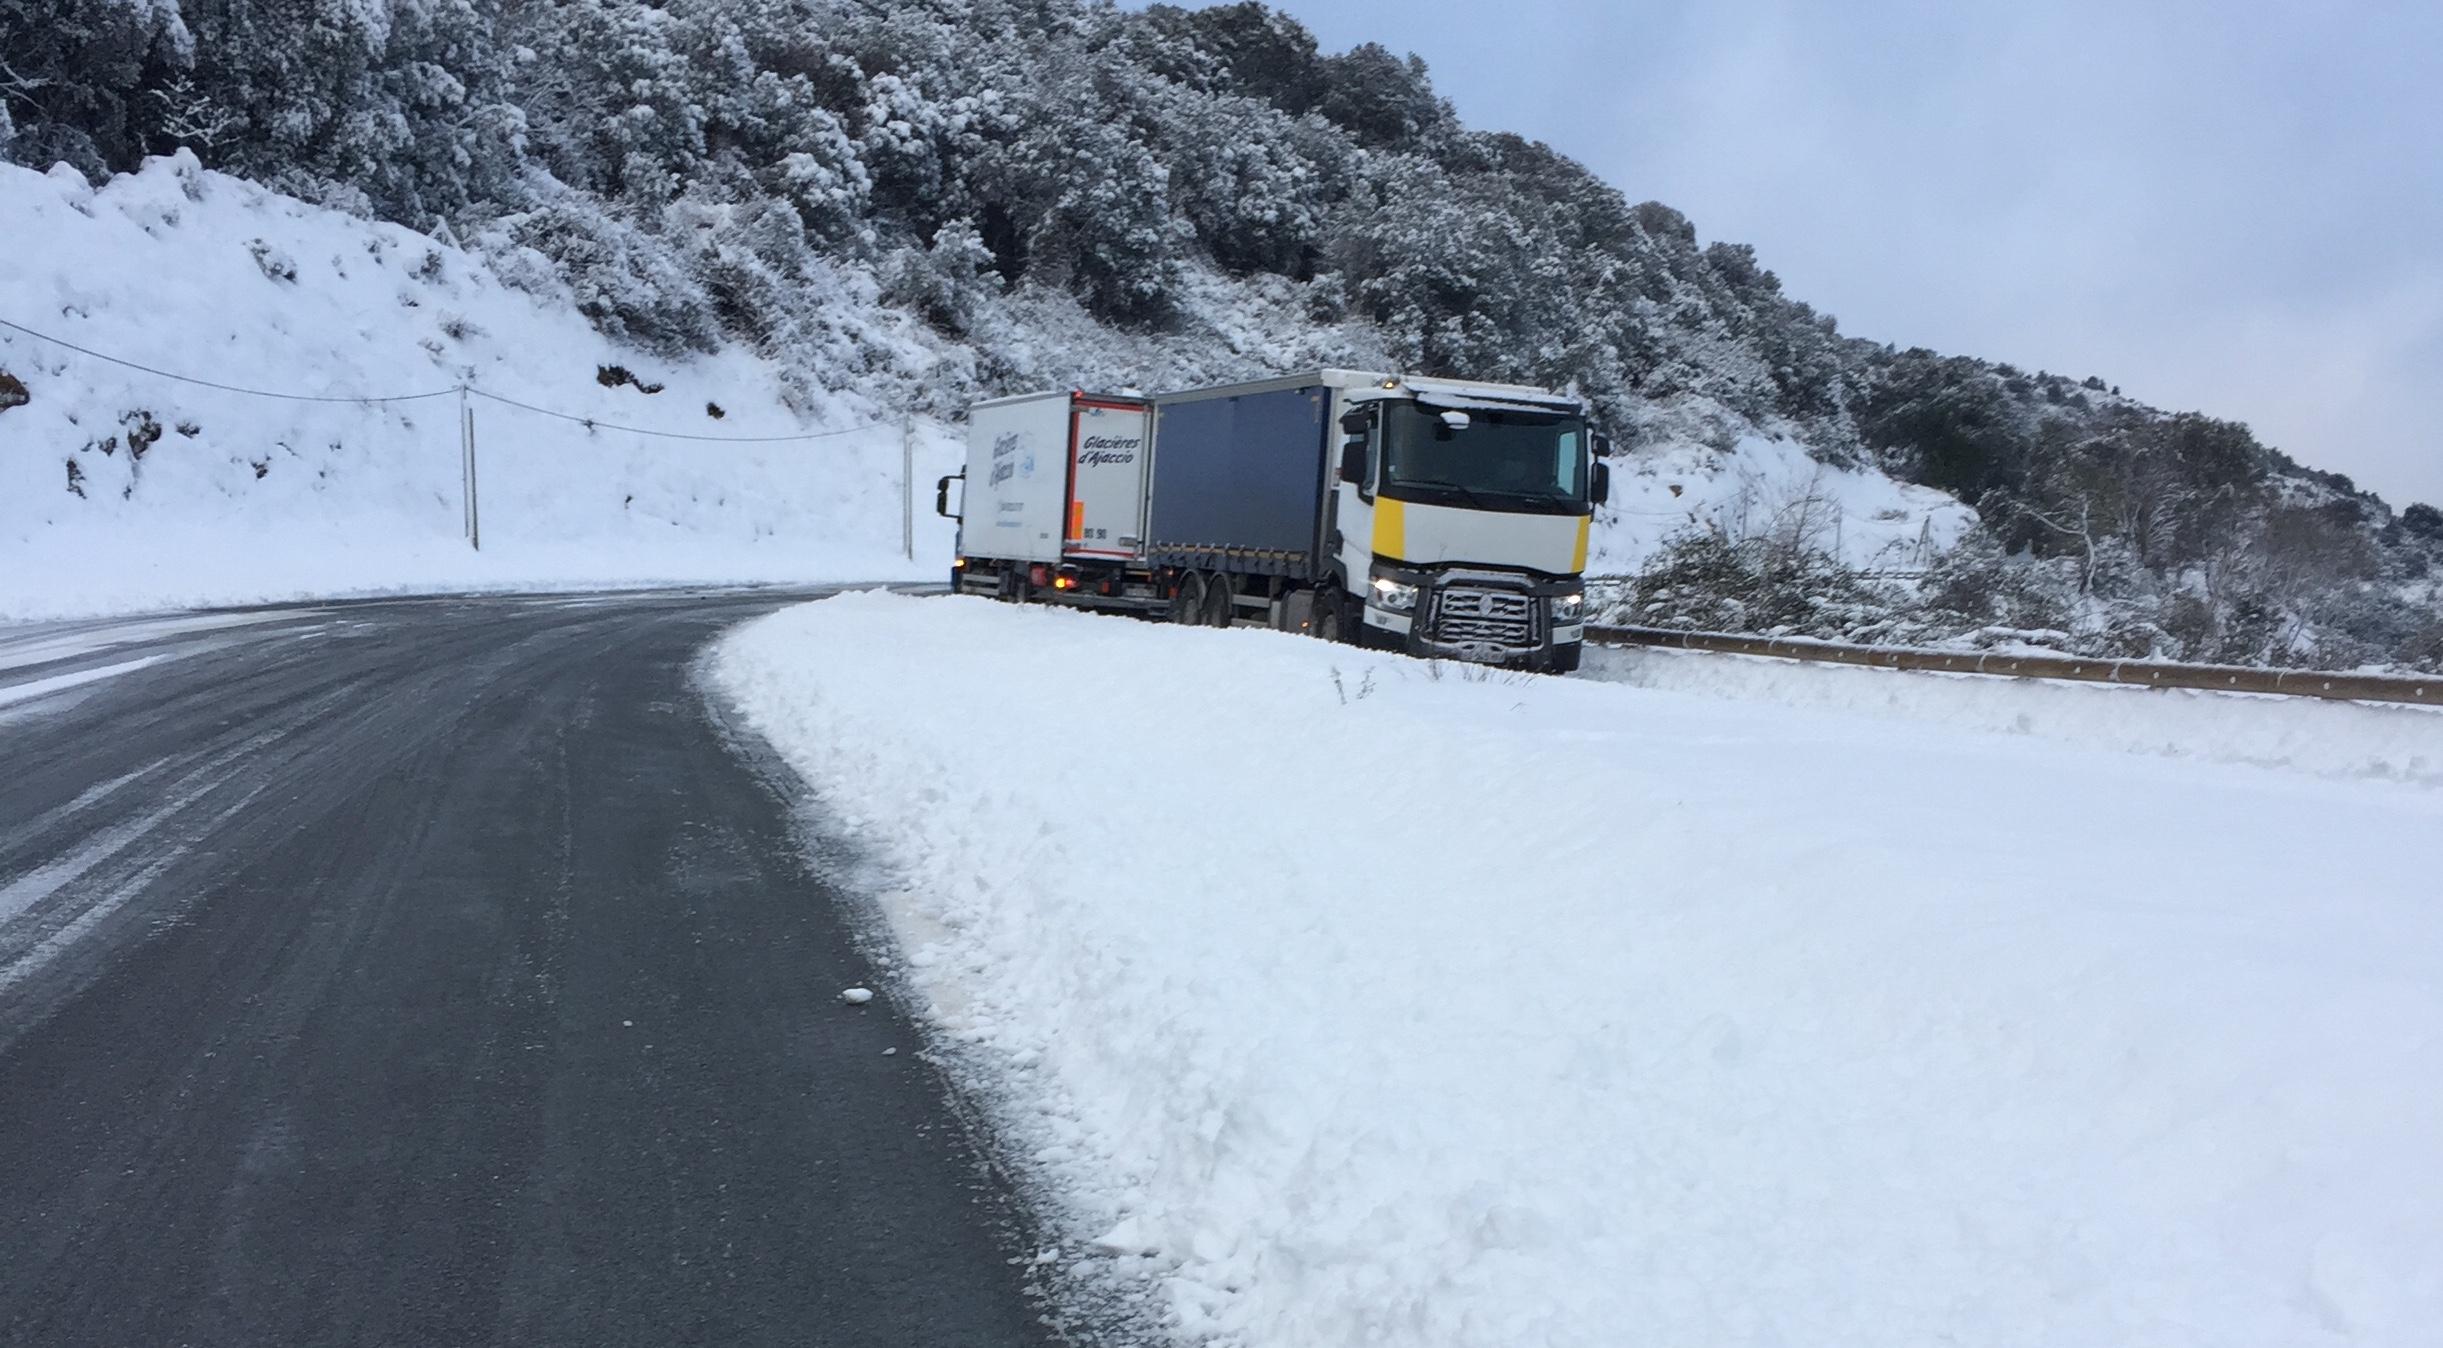 Neige en Corse :  Le point sur les routes. 1 200  foyers privés d'électricité à la mi-journée